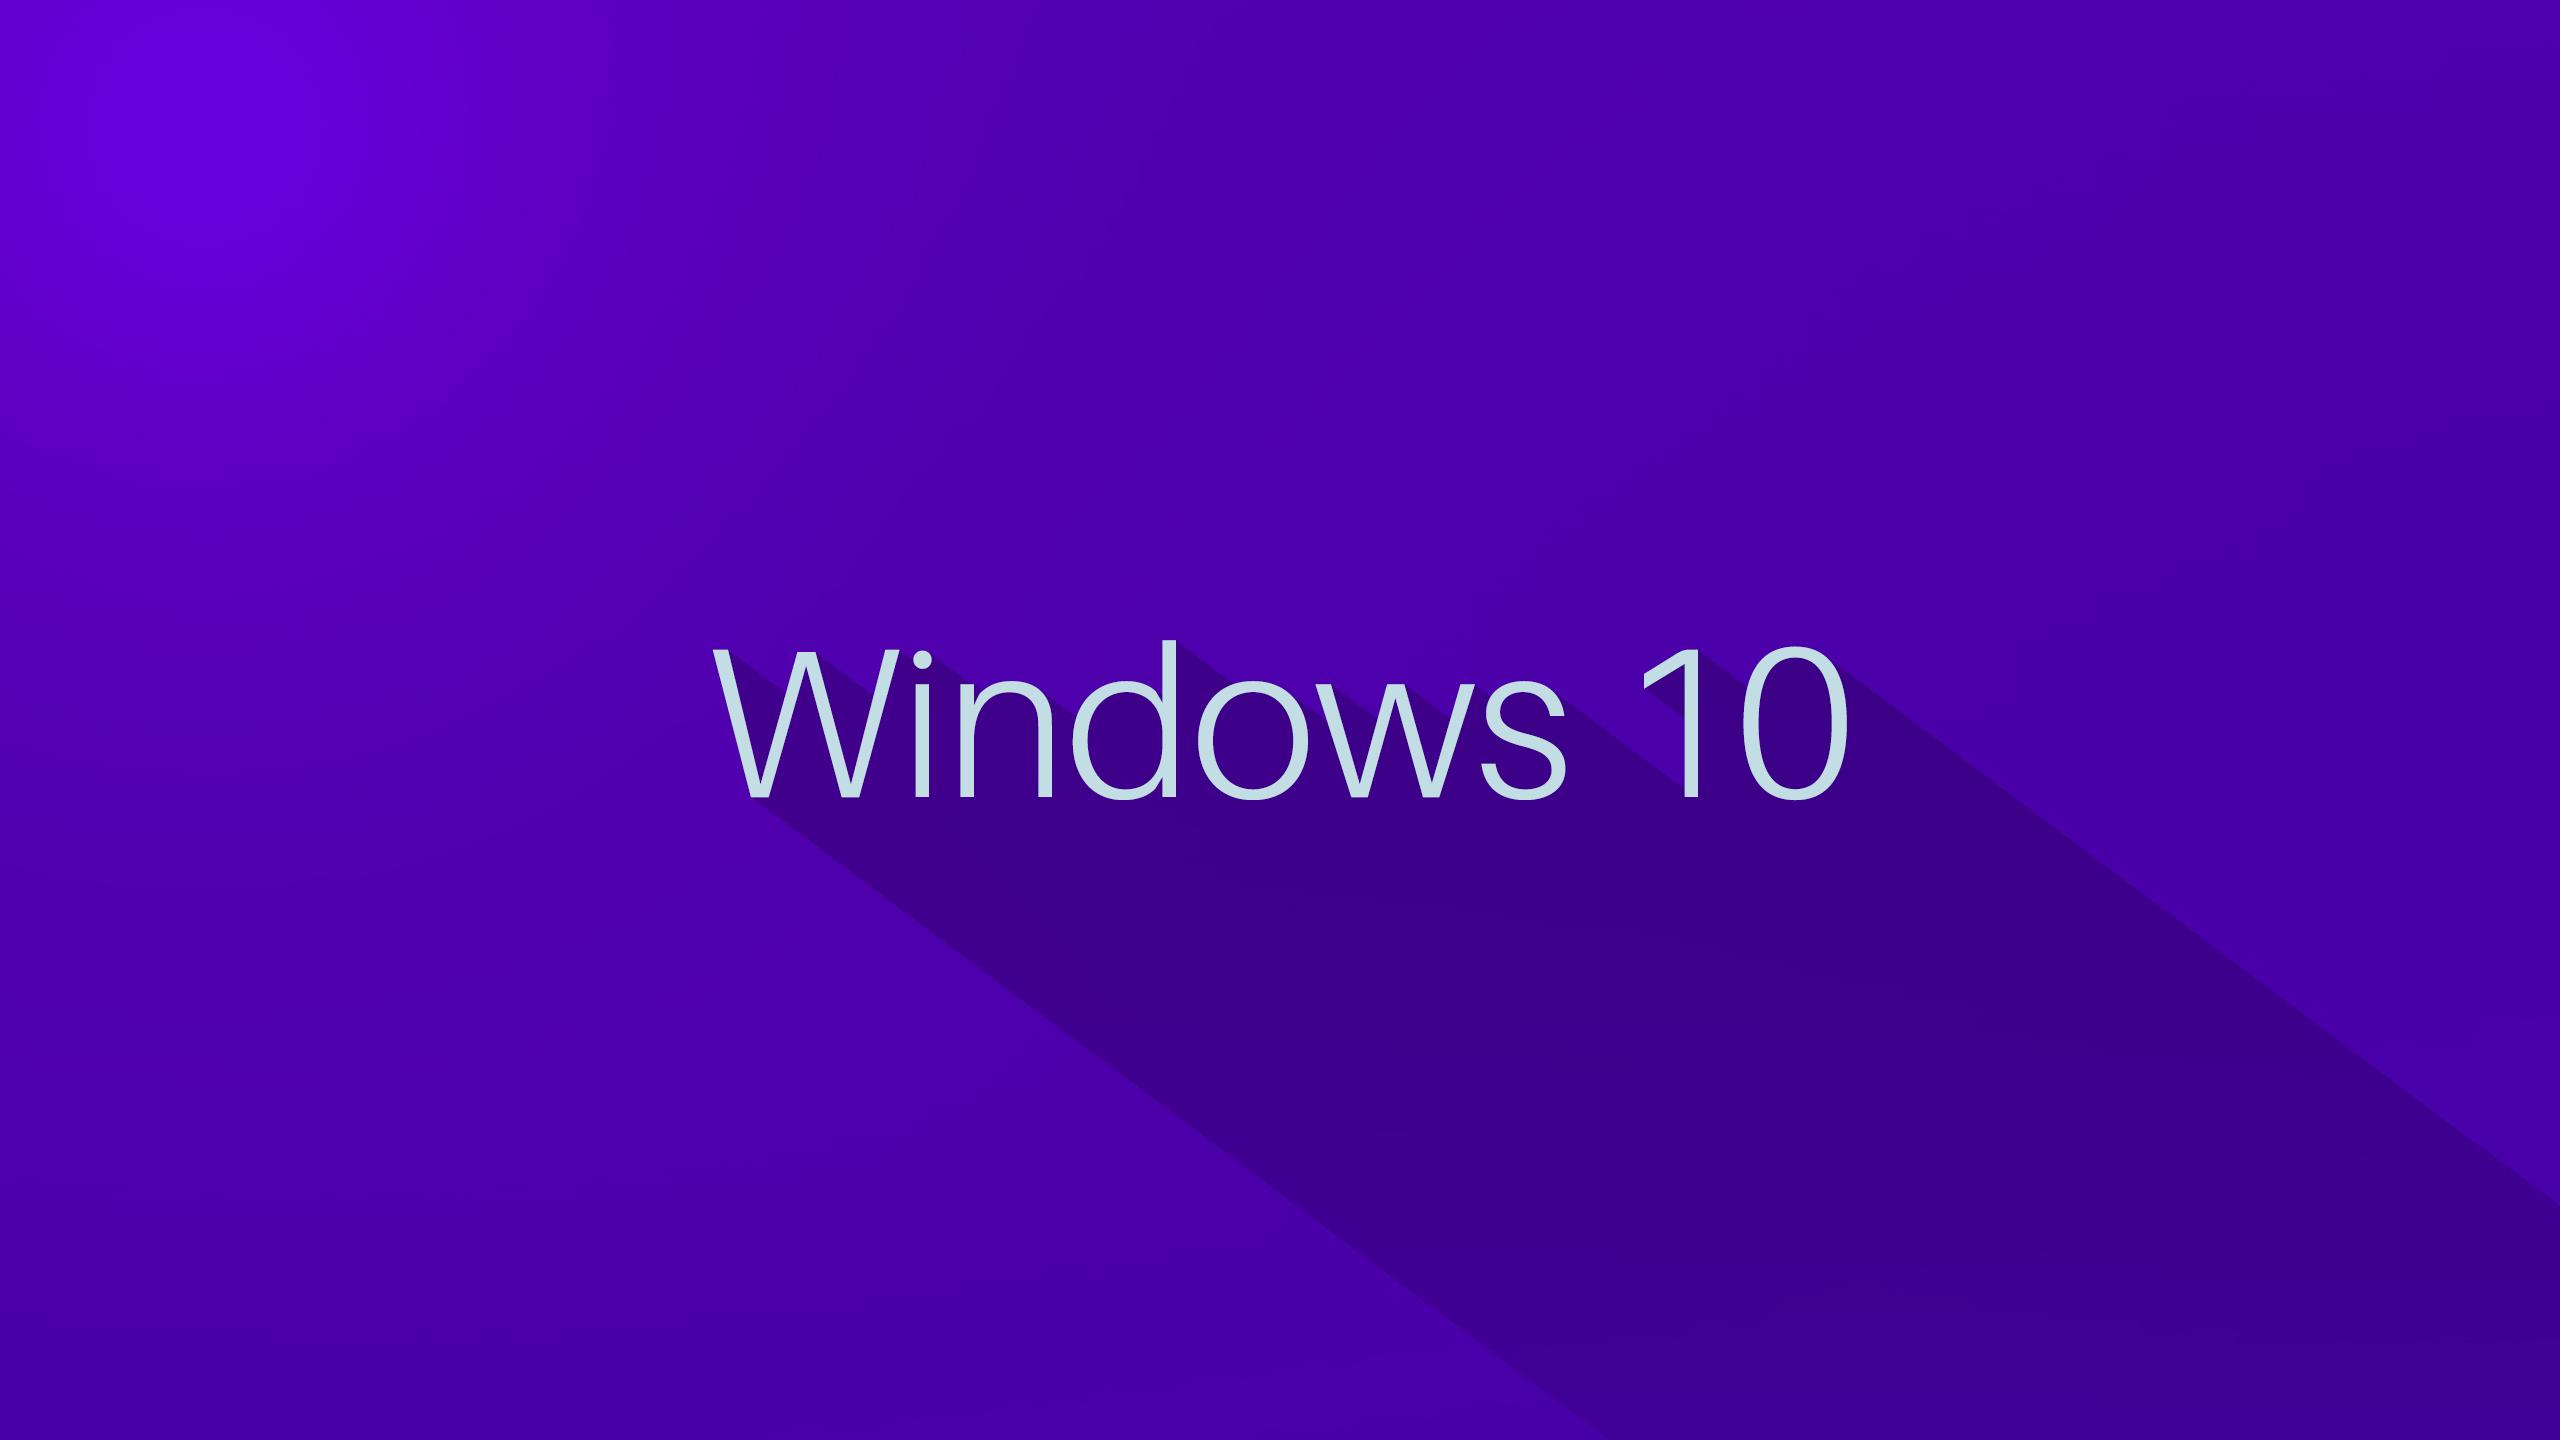 Windows 8 Official Wallpaper Purple Purple Windows 10 Wall...